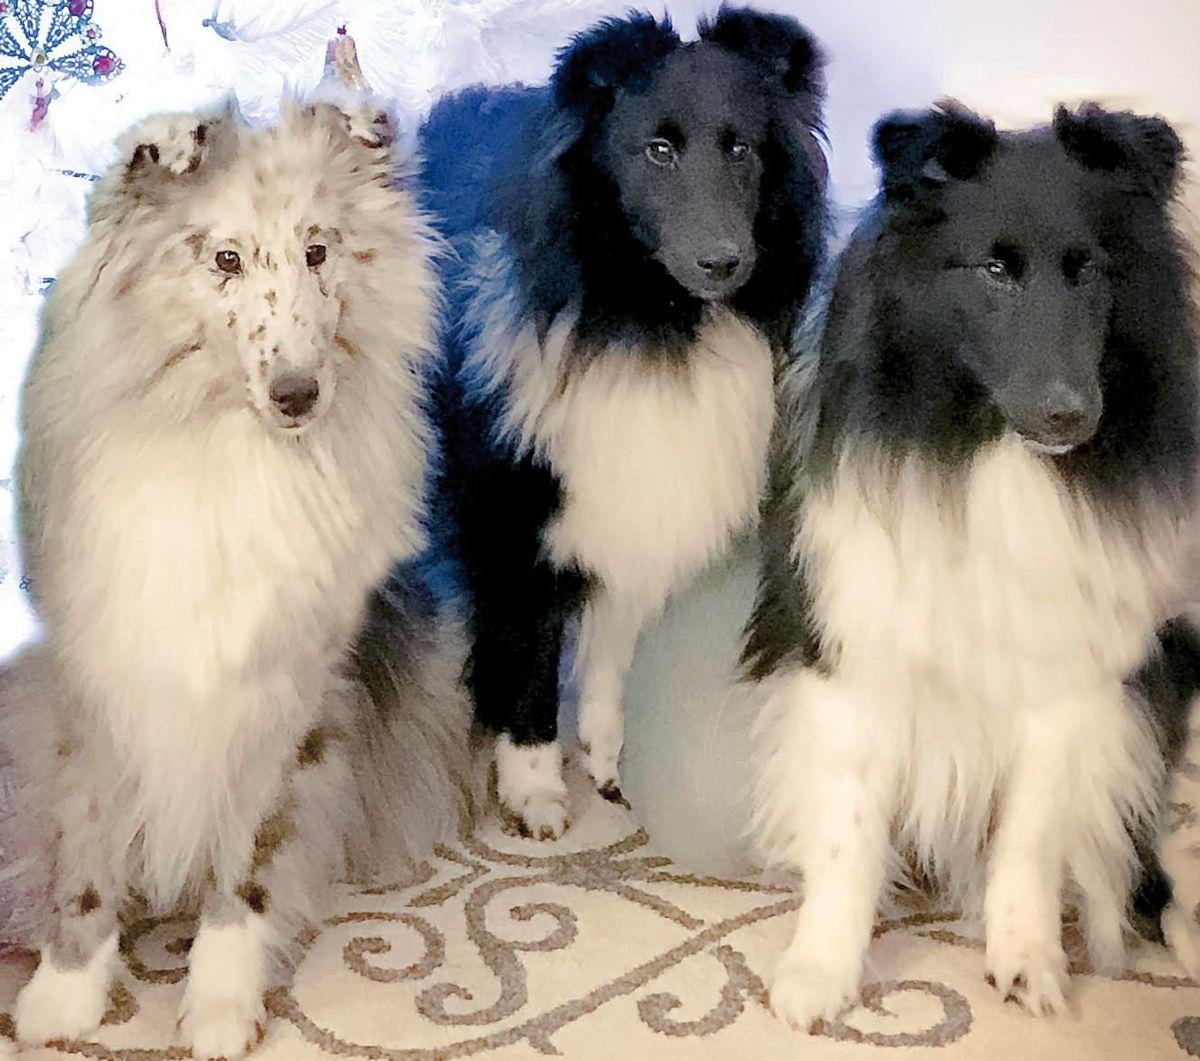 Il Cane da pastore scozzese Shetland a sinistra mostra la colorazione merle, che si trova più spesso nelle razze di cani da pastore. Ma per coloro che desiderano introdurre questo colore nelle linee, sfortunatamente, molte delle razze di cani da pastore possono essere anche portatrici della mutazione MDR1 (multi-farmacoresistenza 1).